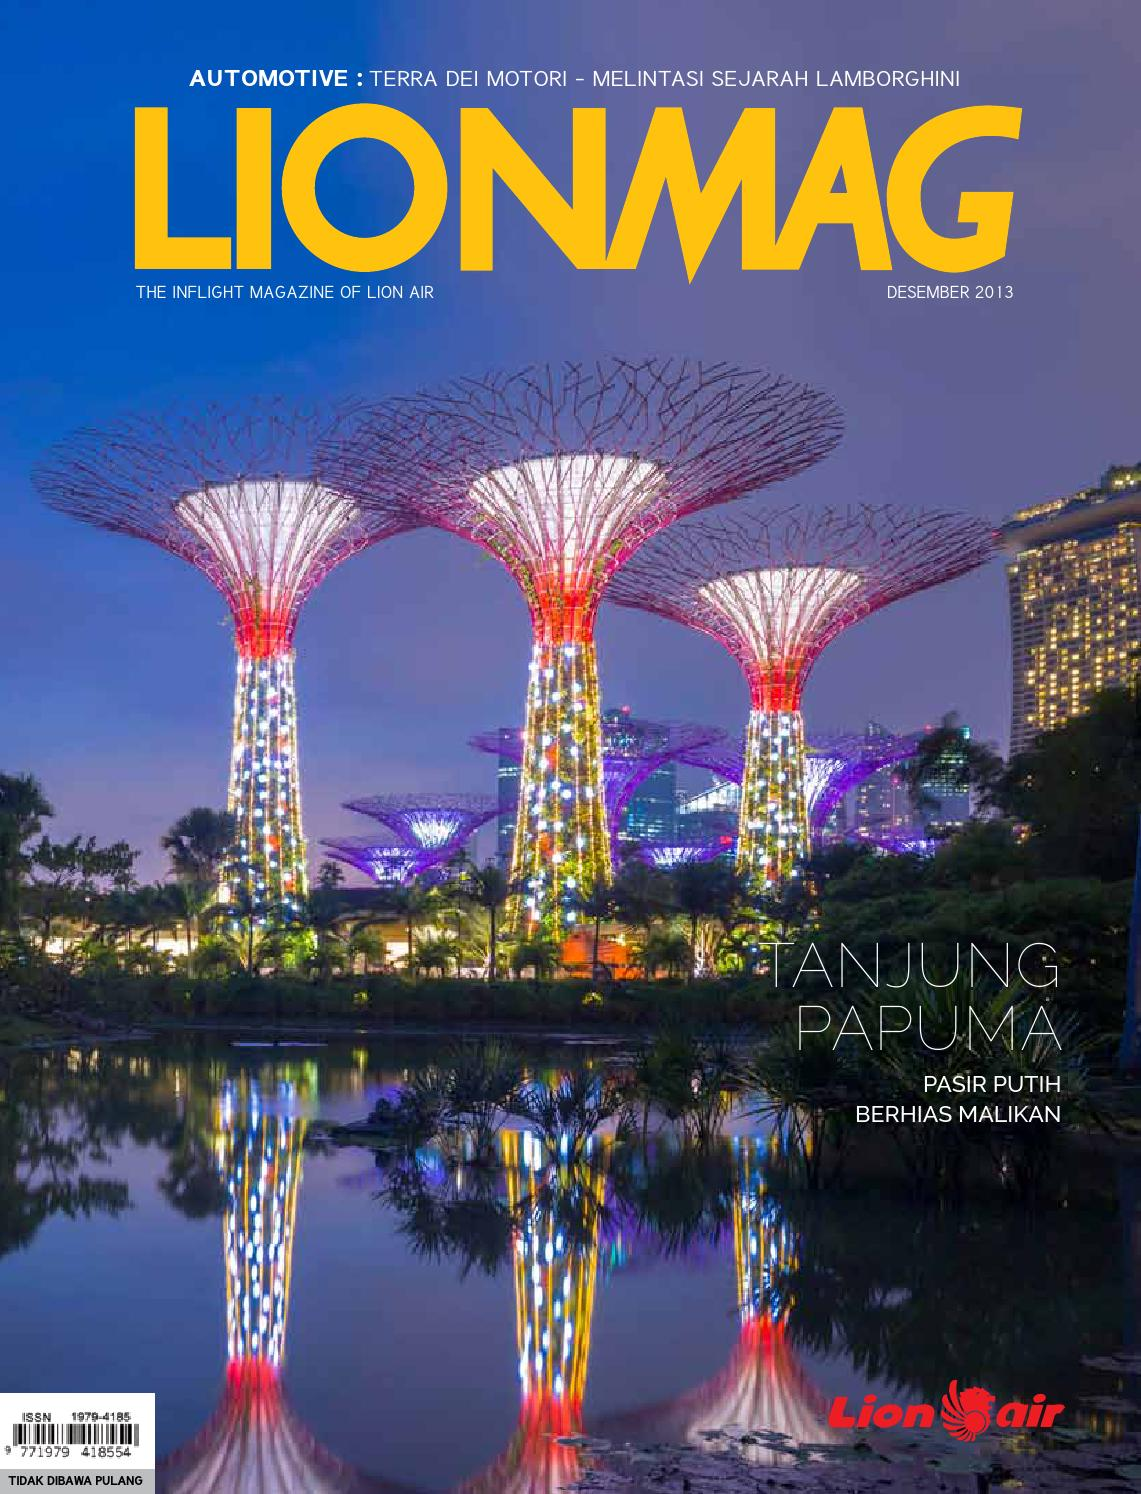 Lionmag Desember 2013 By Bentang Media Nusantara Issuu